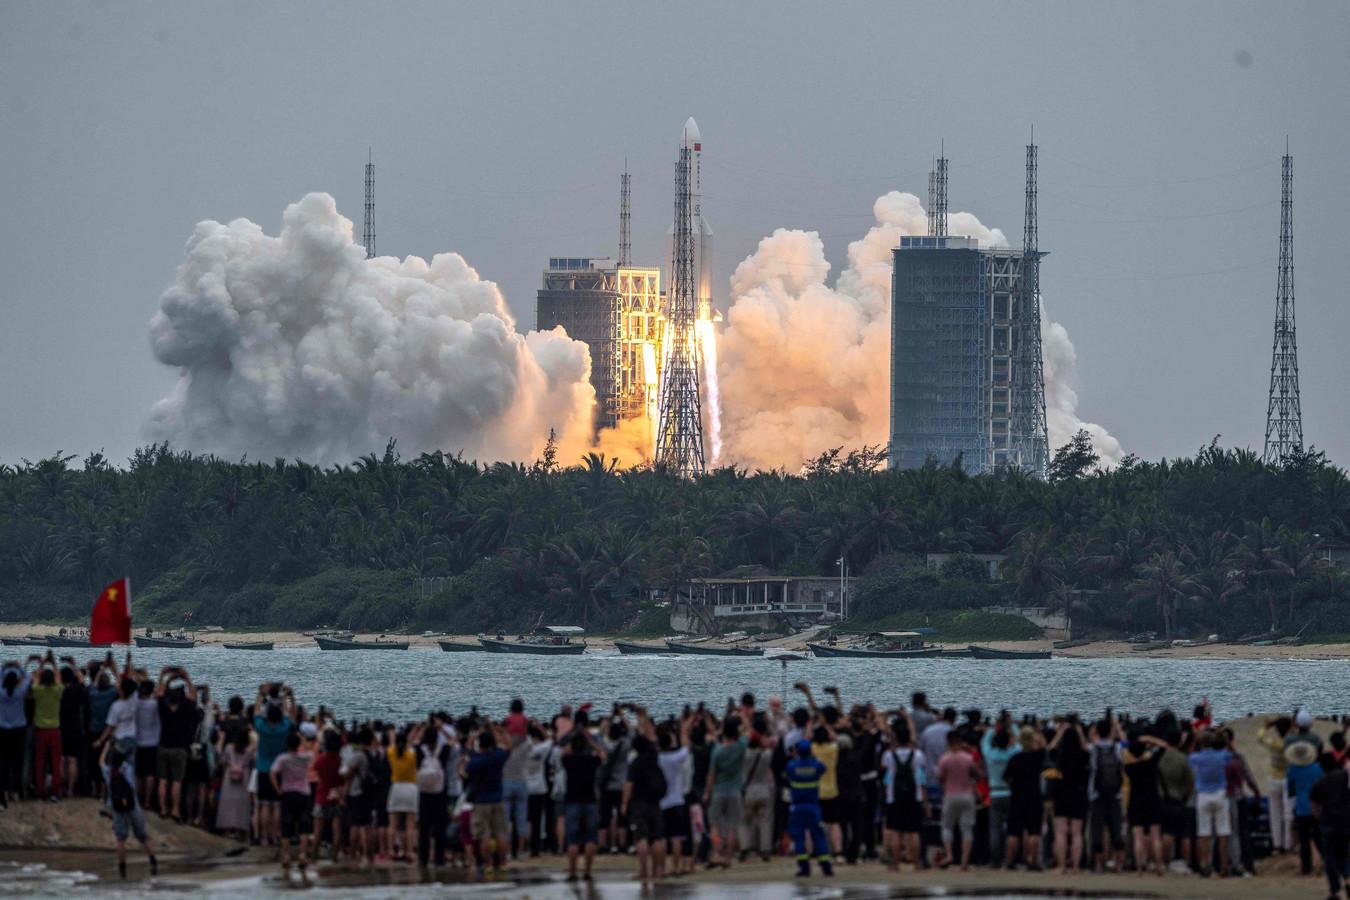 Toeschouwers bij de lancering van de raket.